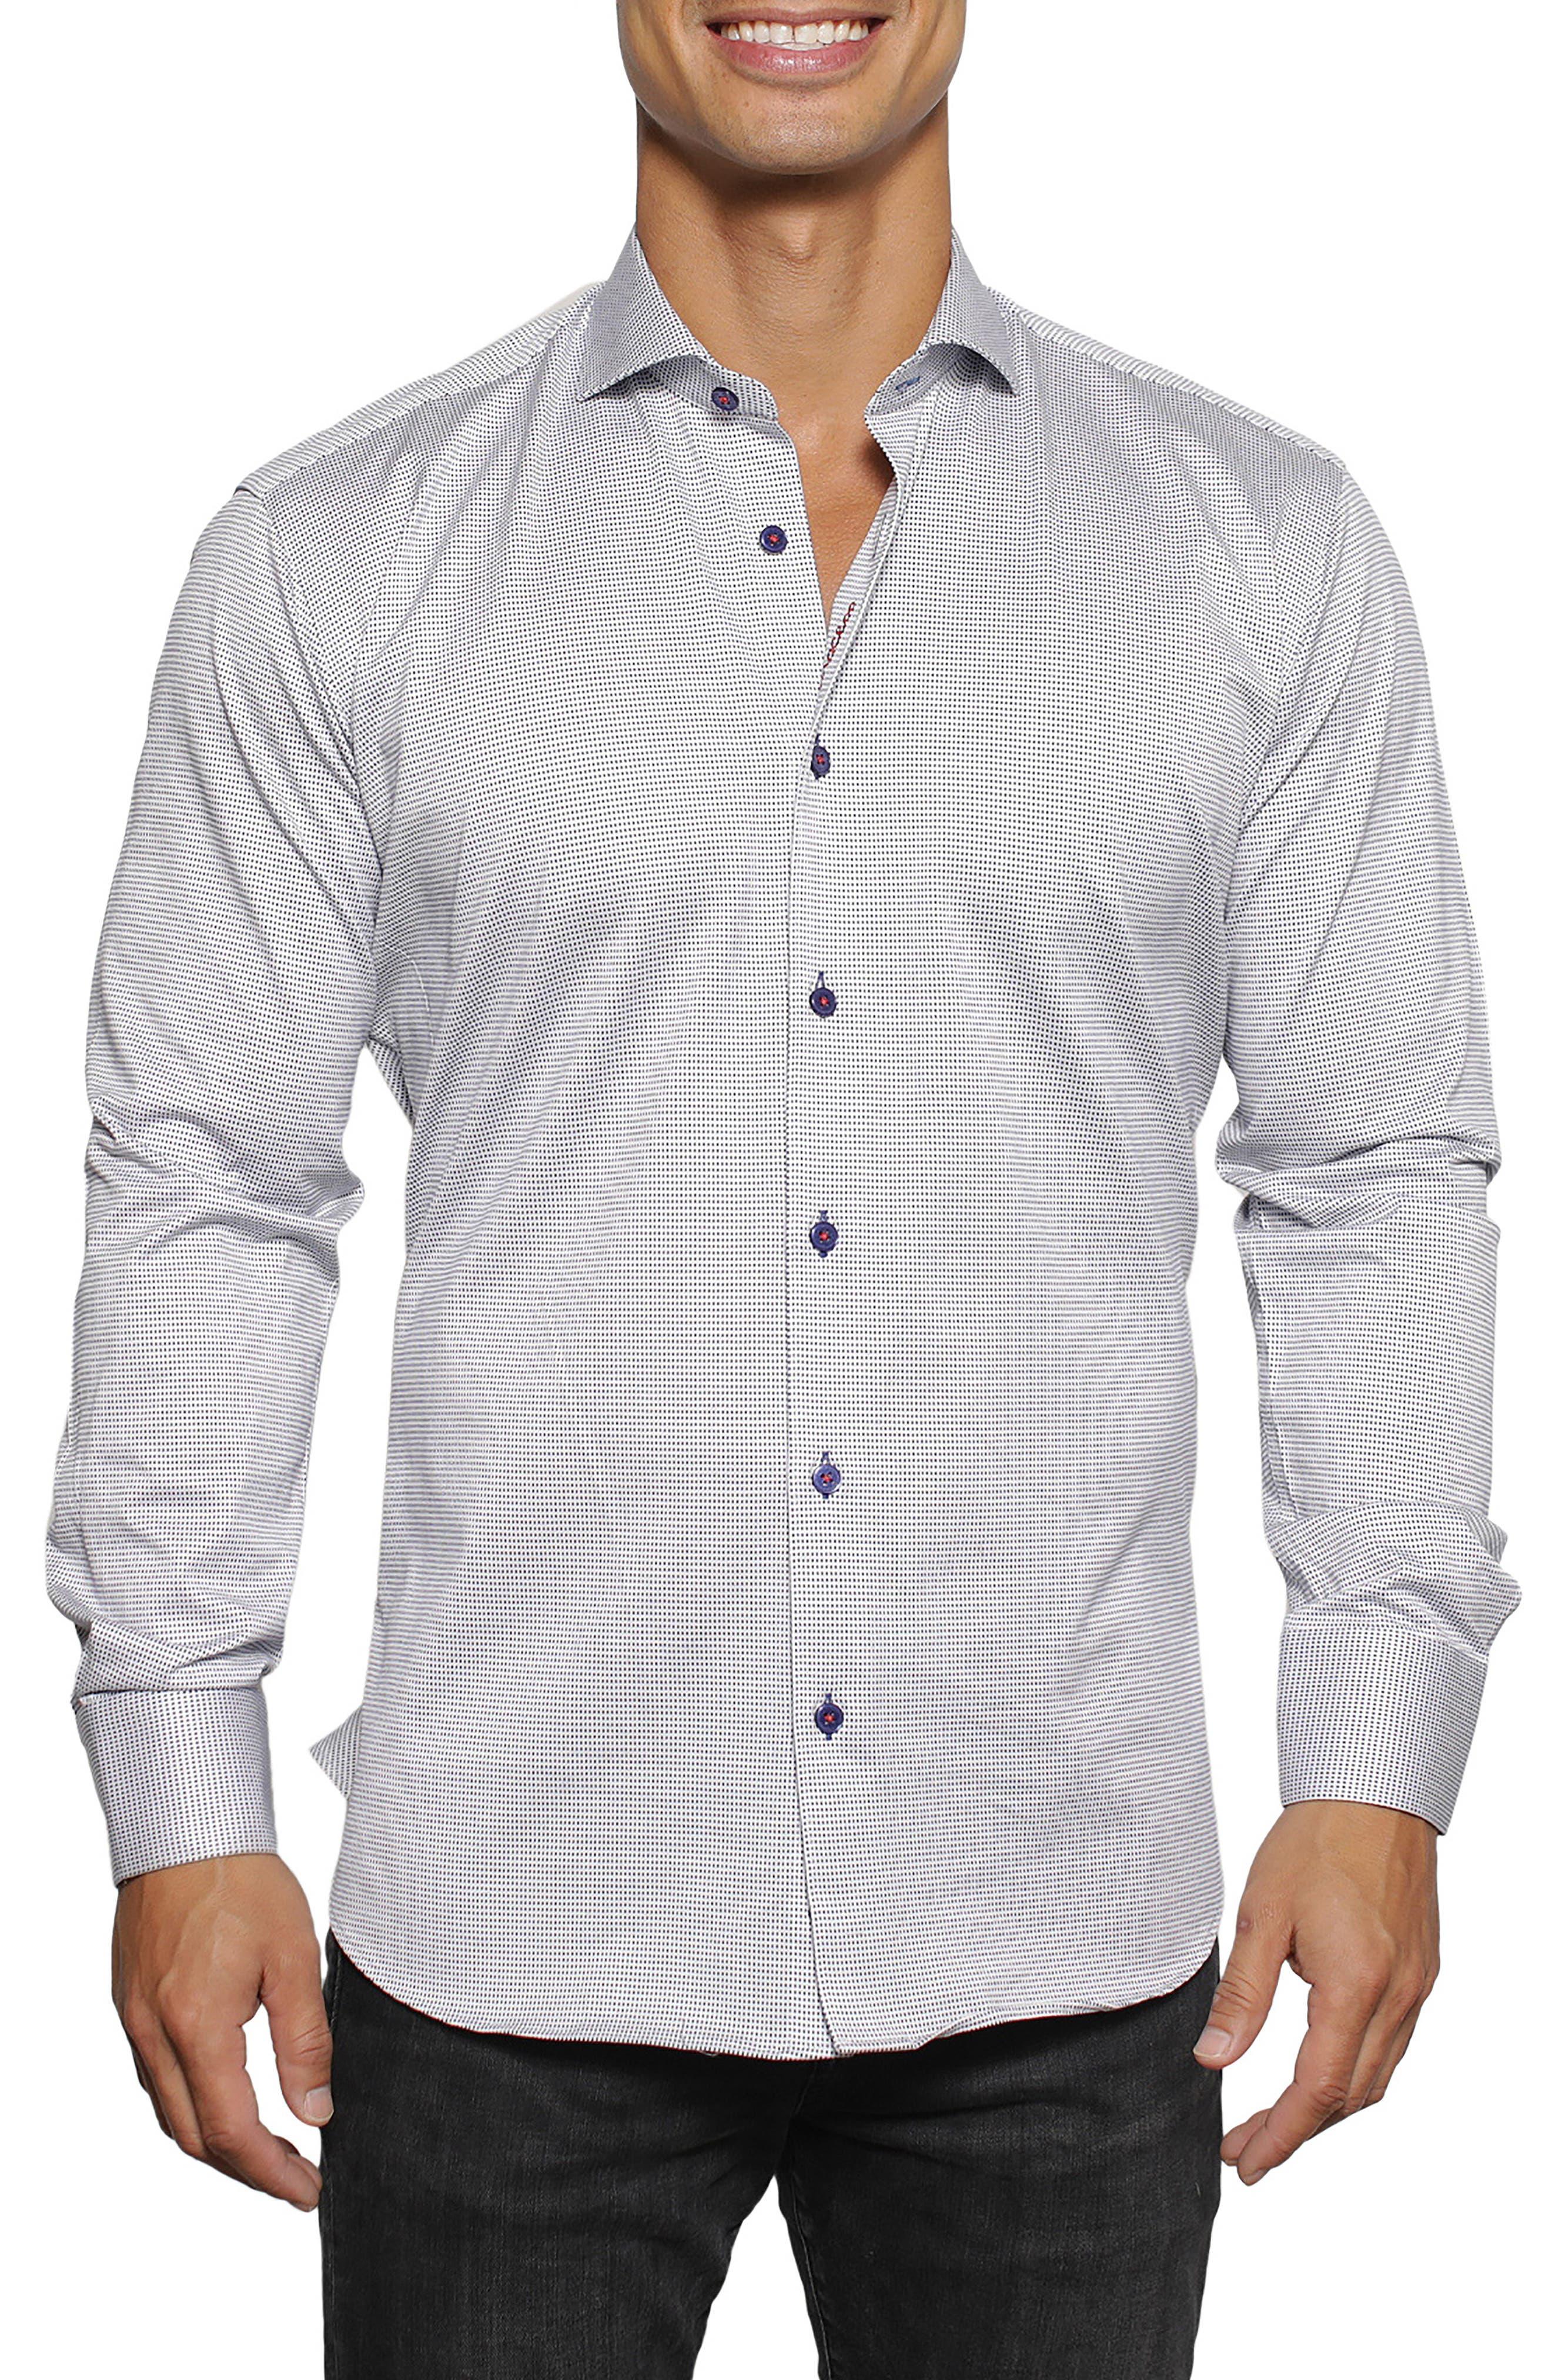 Einstein Squareville Regular Fit Button-Up Shirt